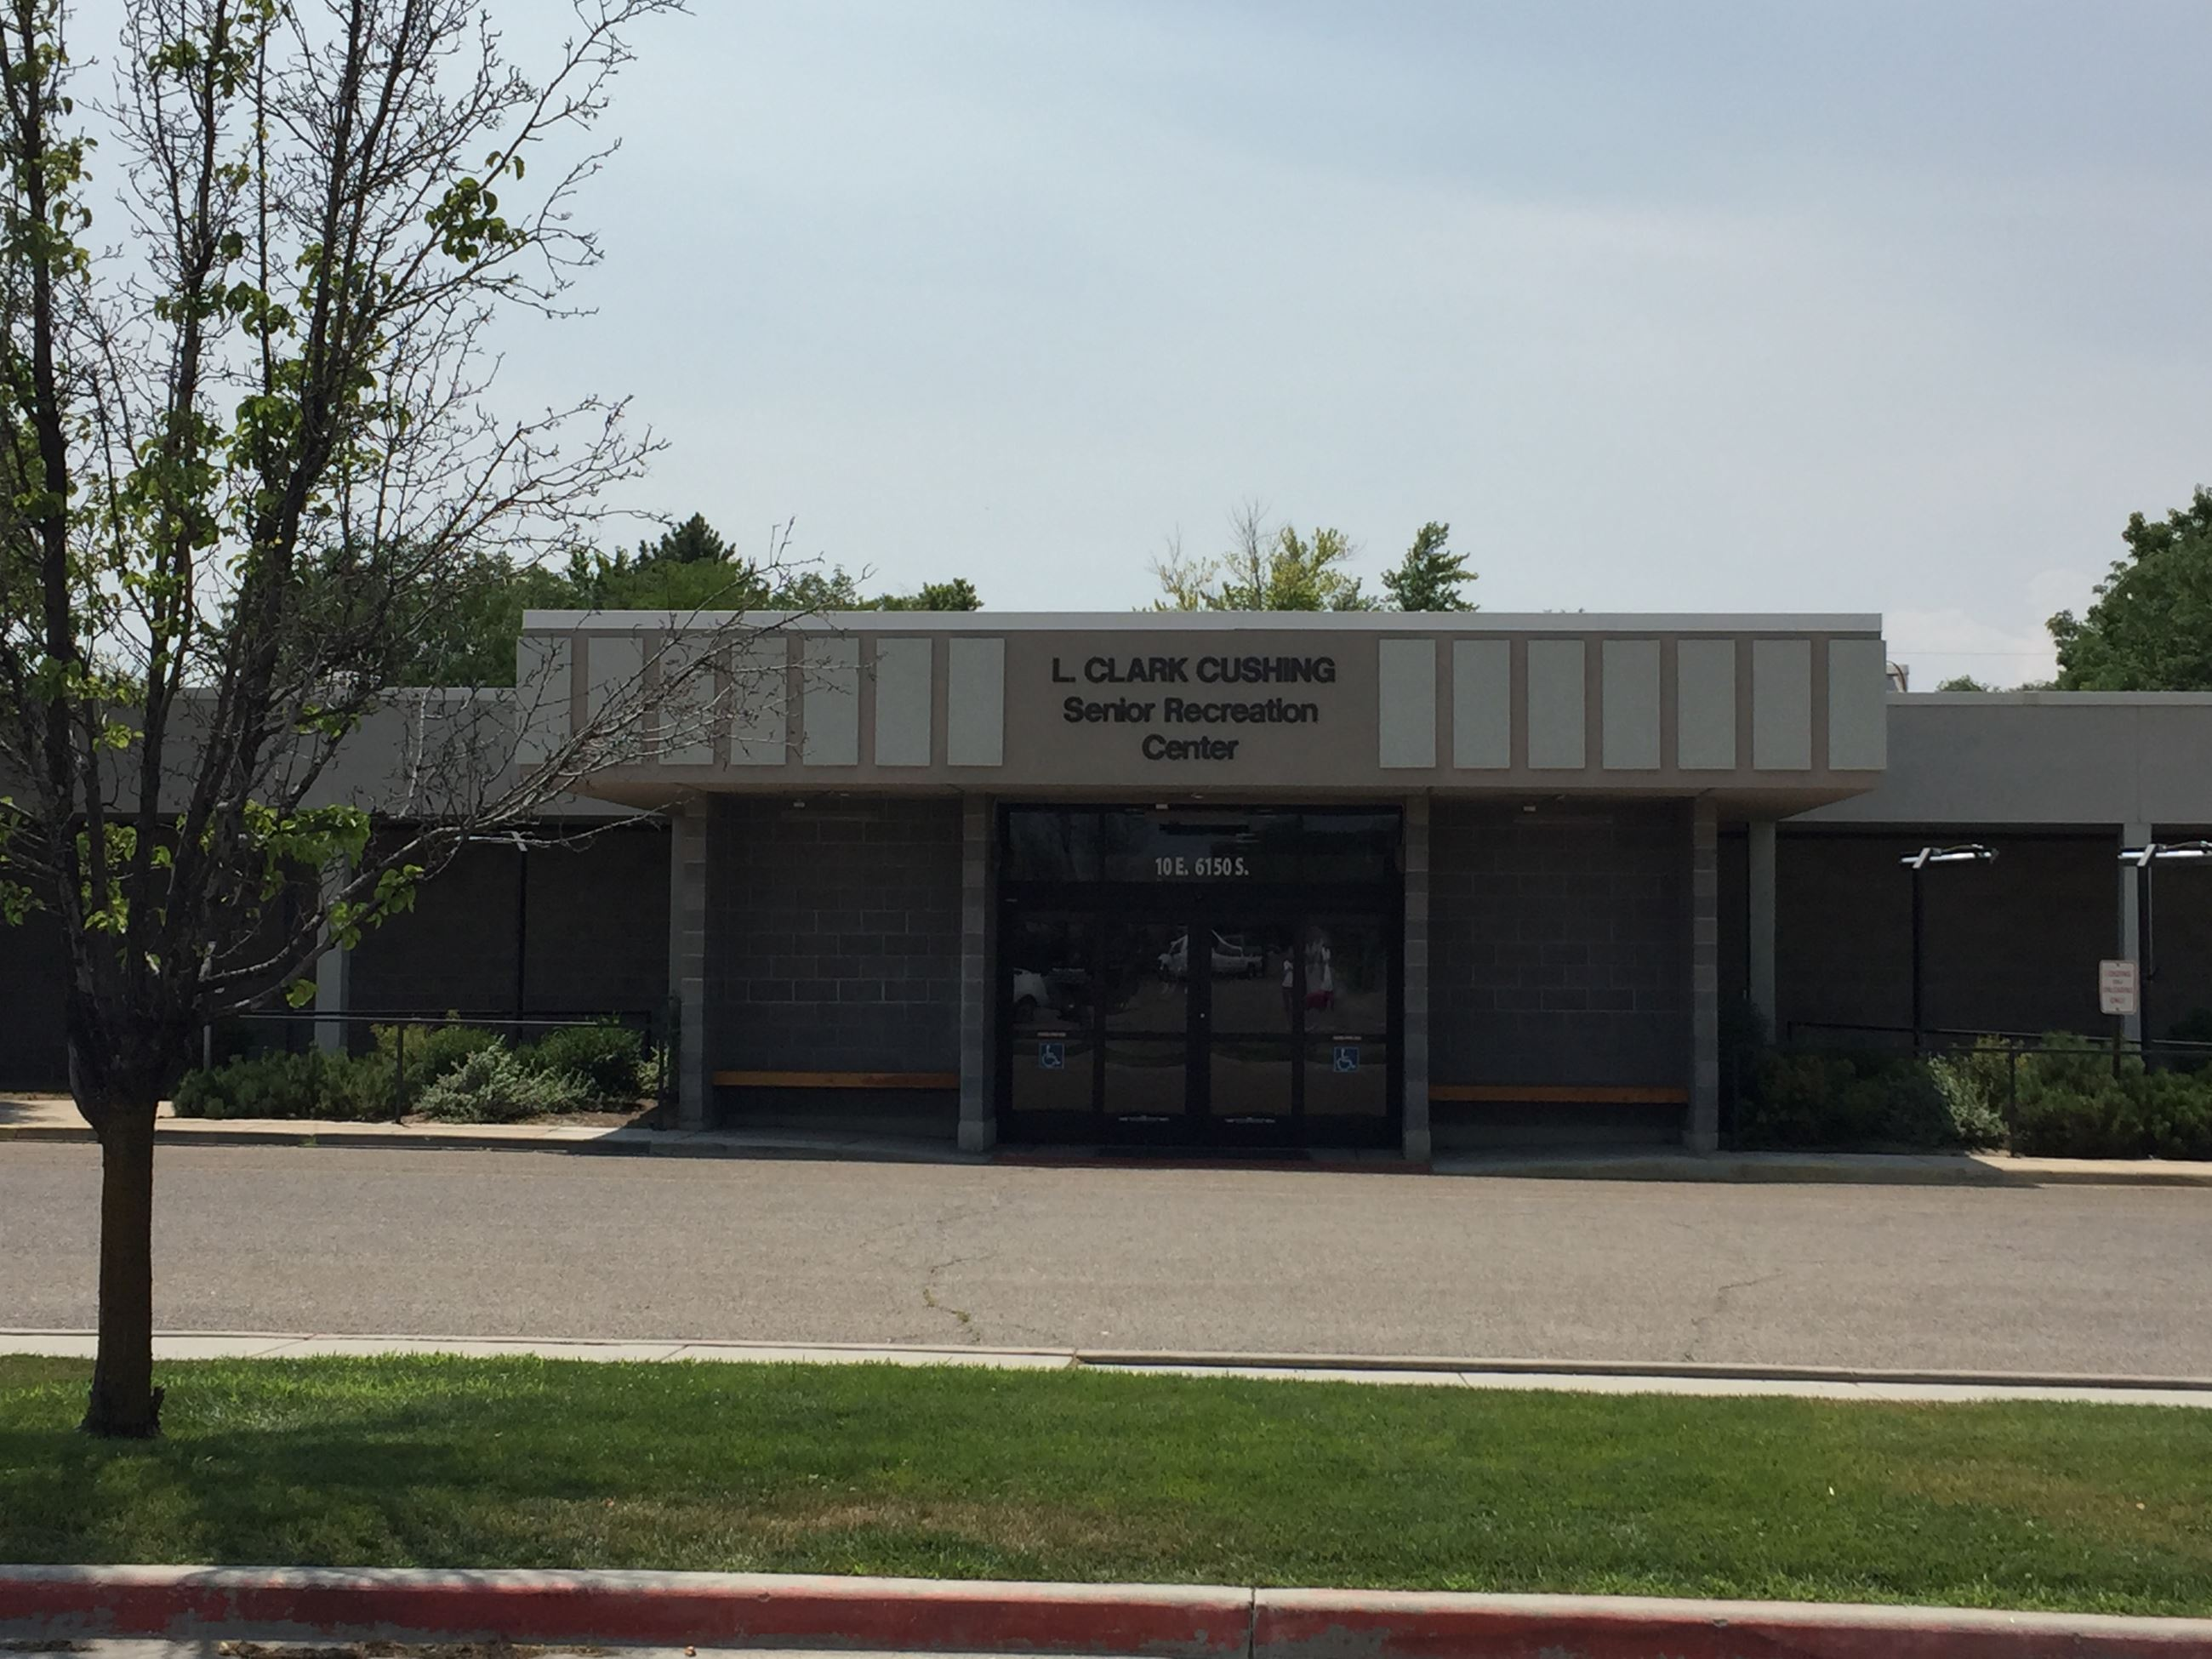 Senior Rec Center